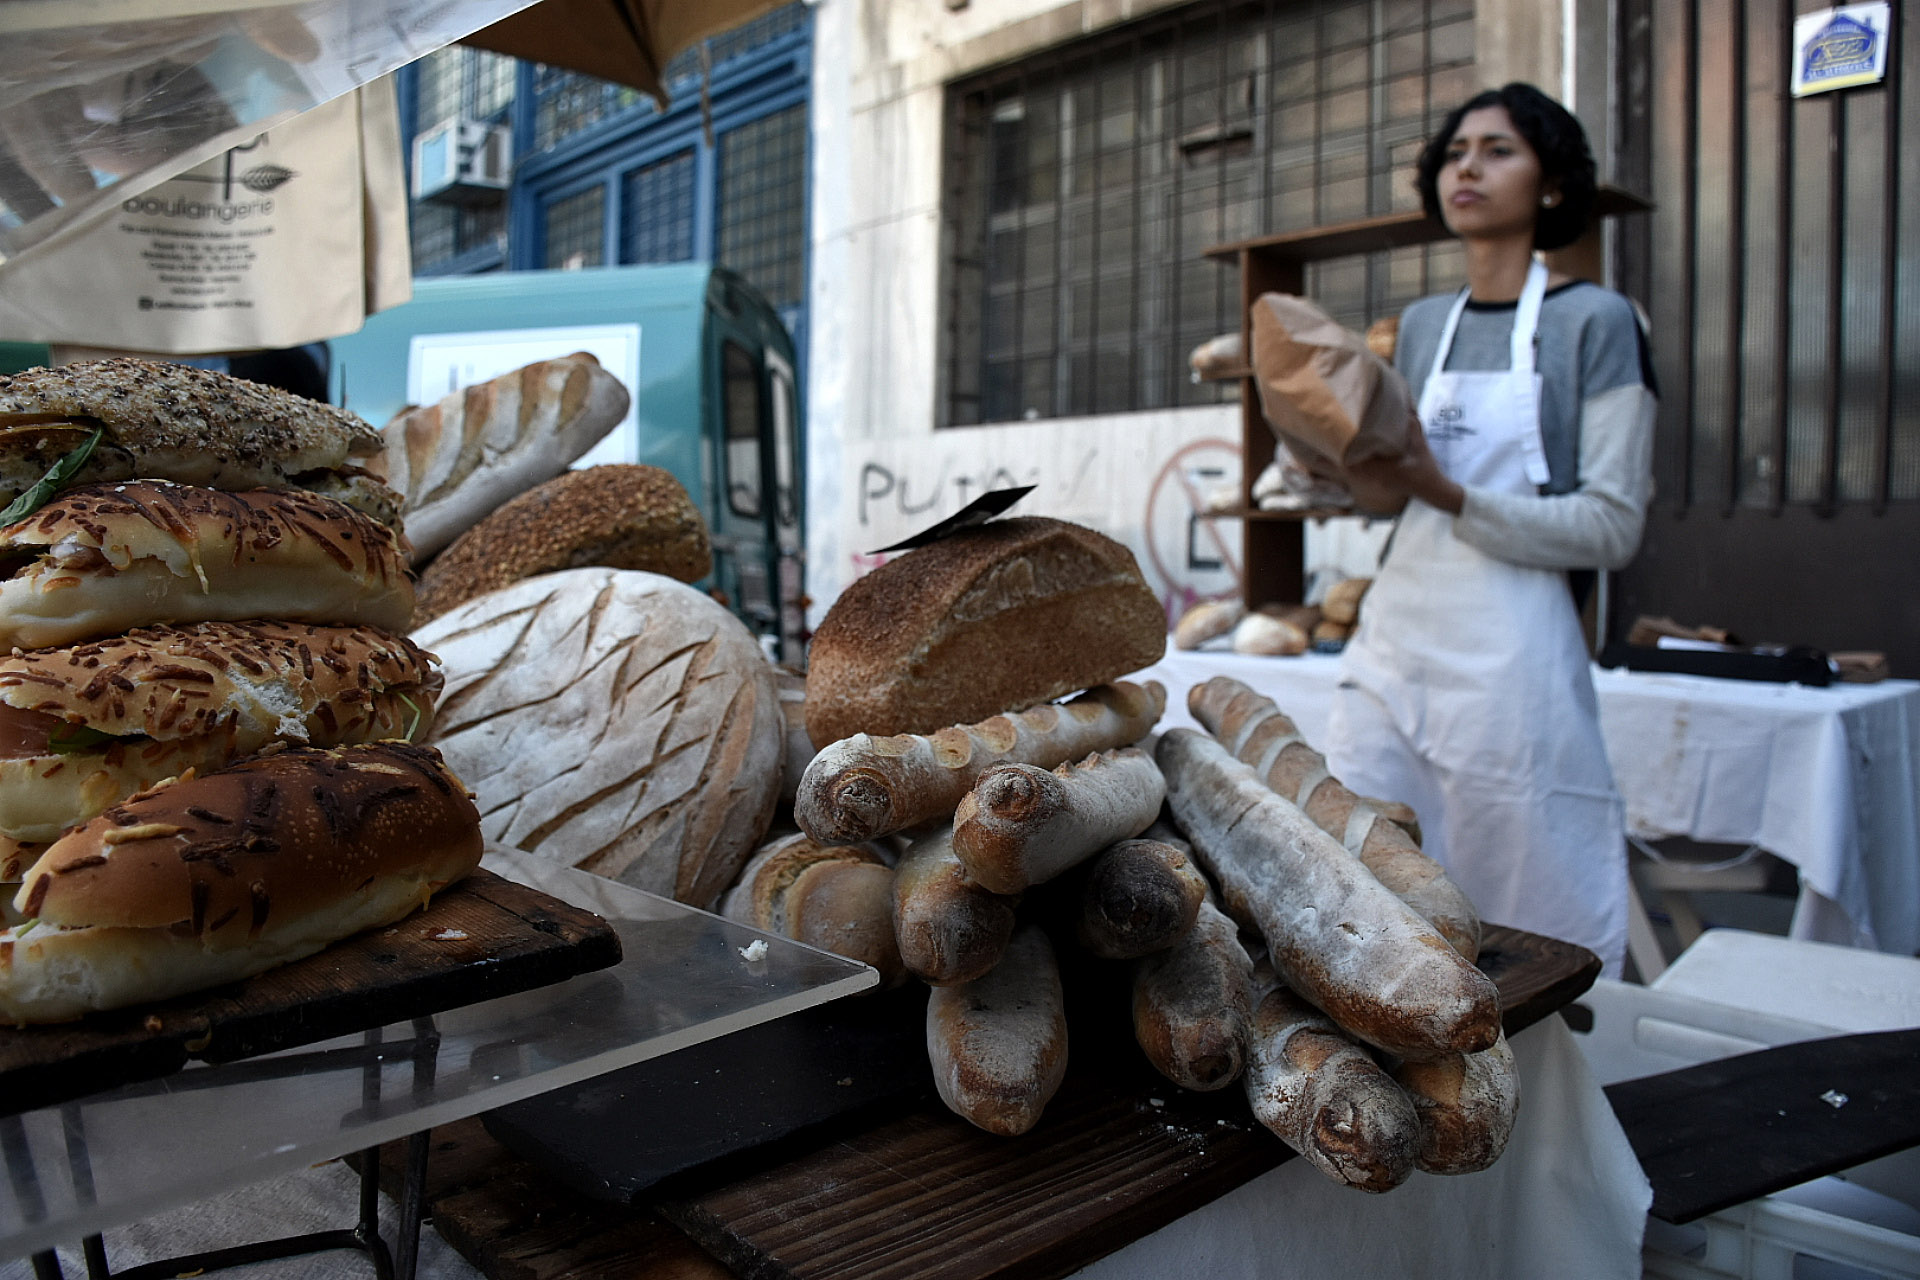 Las baguette y los sándwiches de rúcula, queso brie, tomates confitados y aceite de oliva by Lepi Boulangerie, un clásico de la feria que también tiene sus tradicionales platos dulces